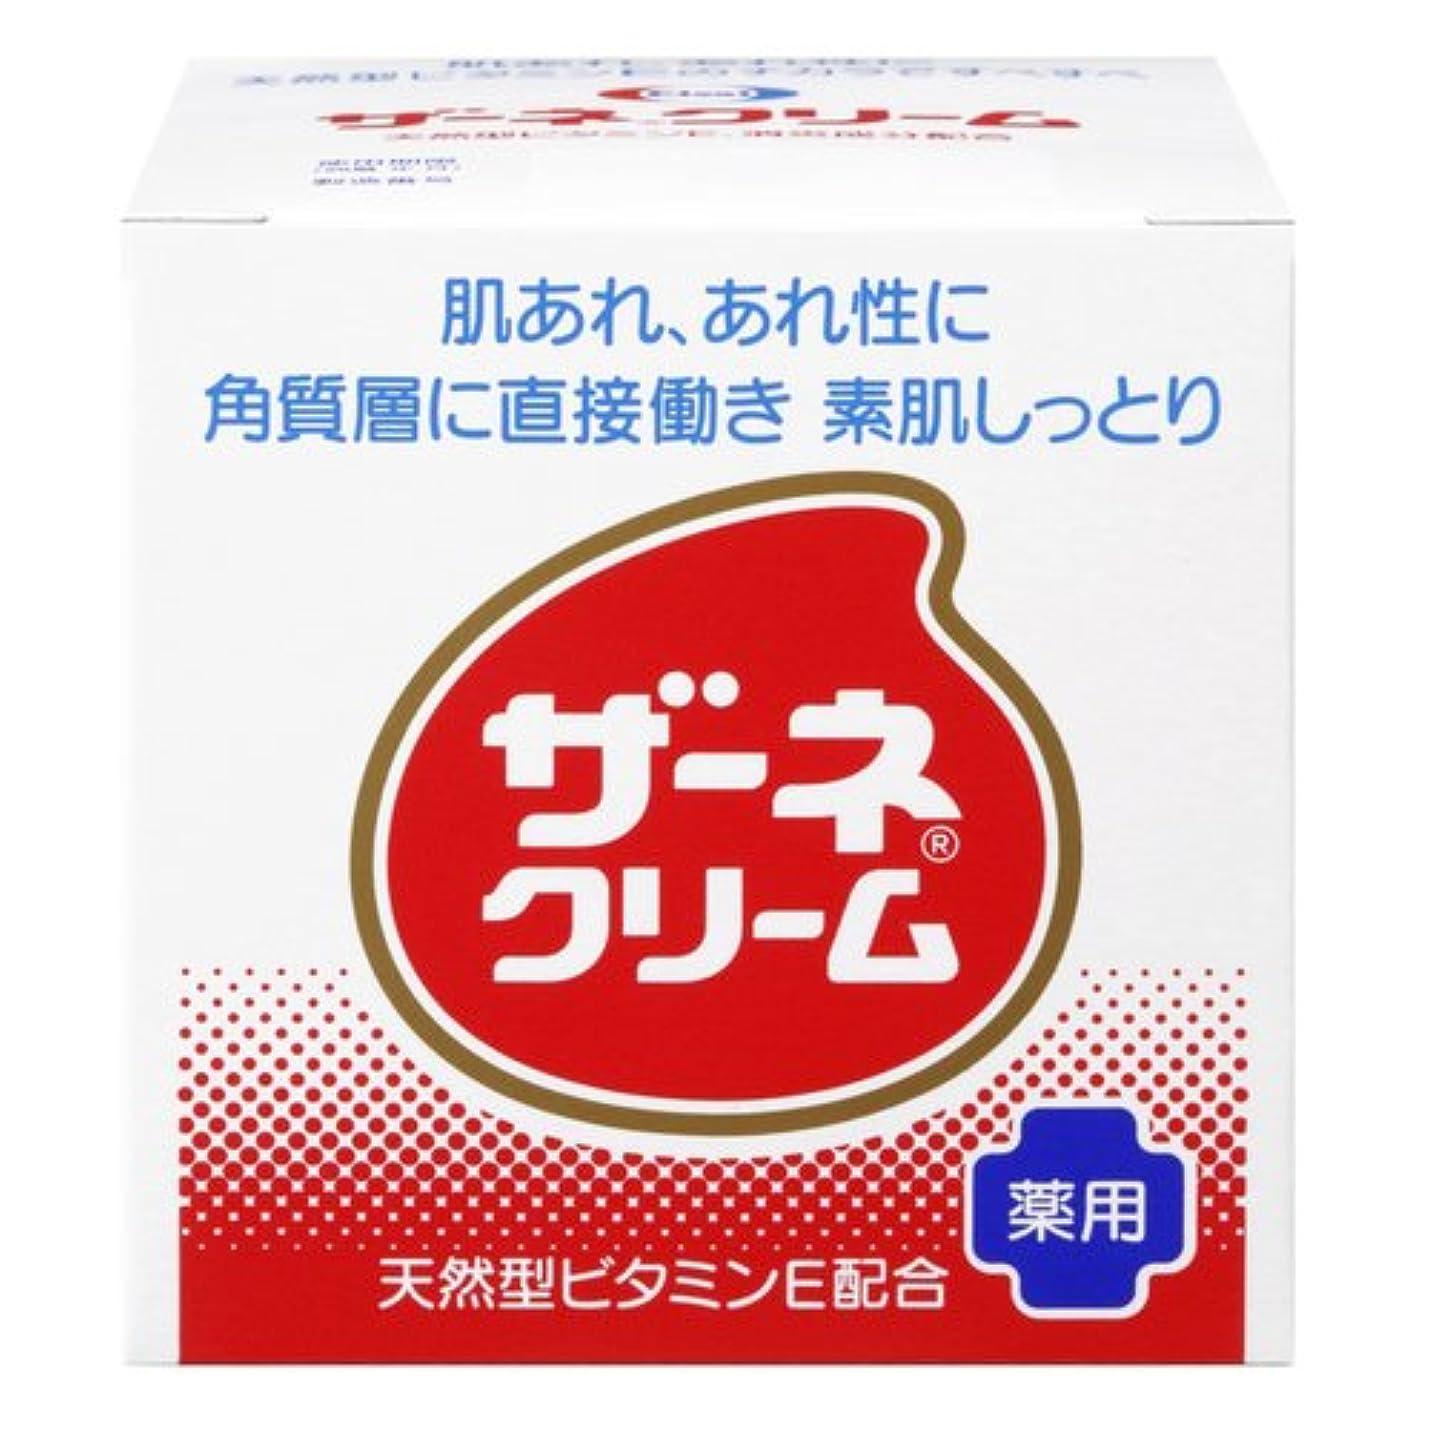 人類評価作動するザーネクリーム 115g [ヘルスケア&ケア用品]